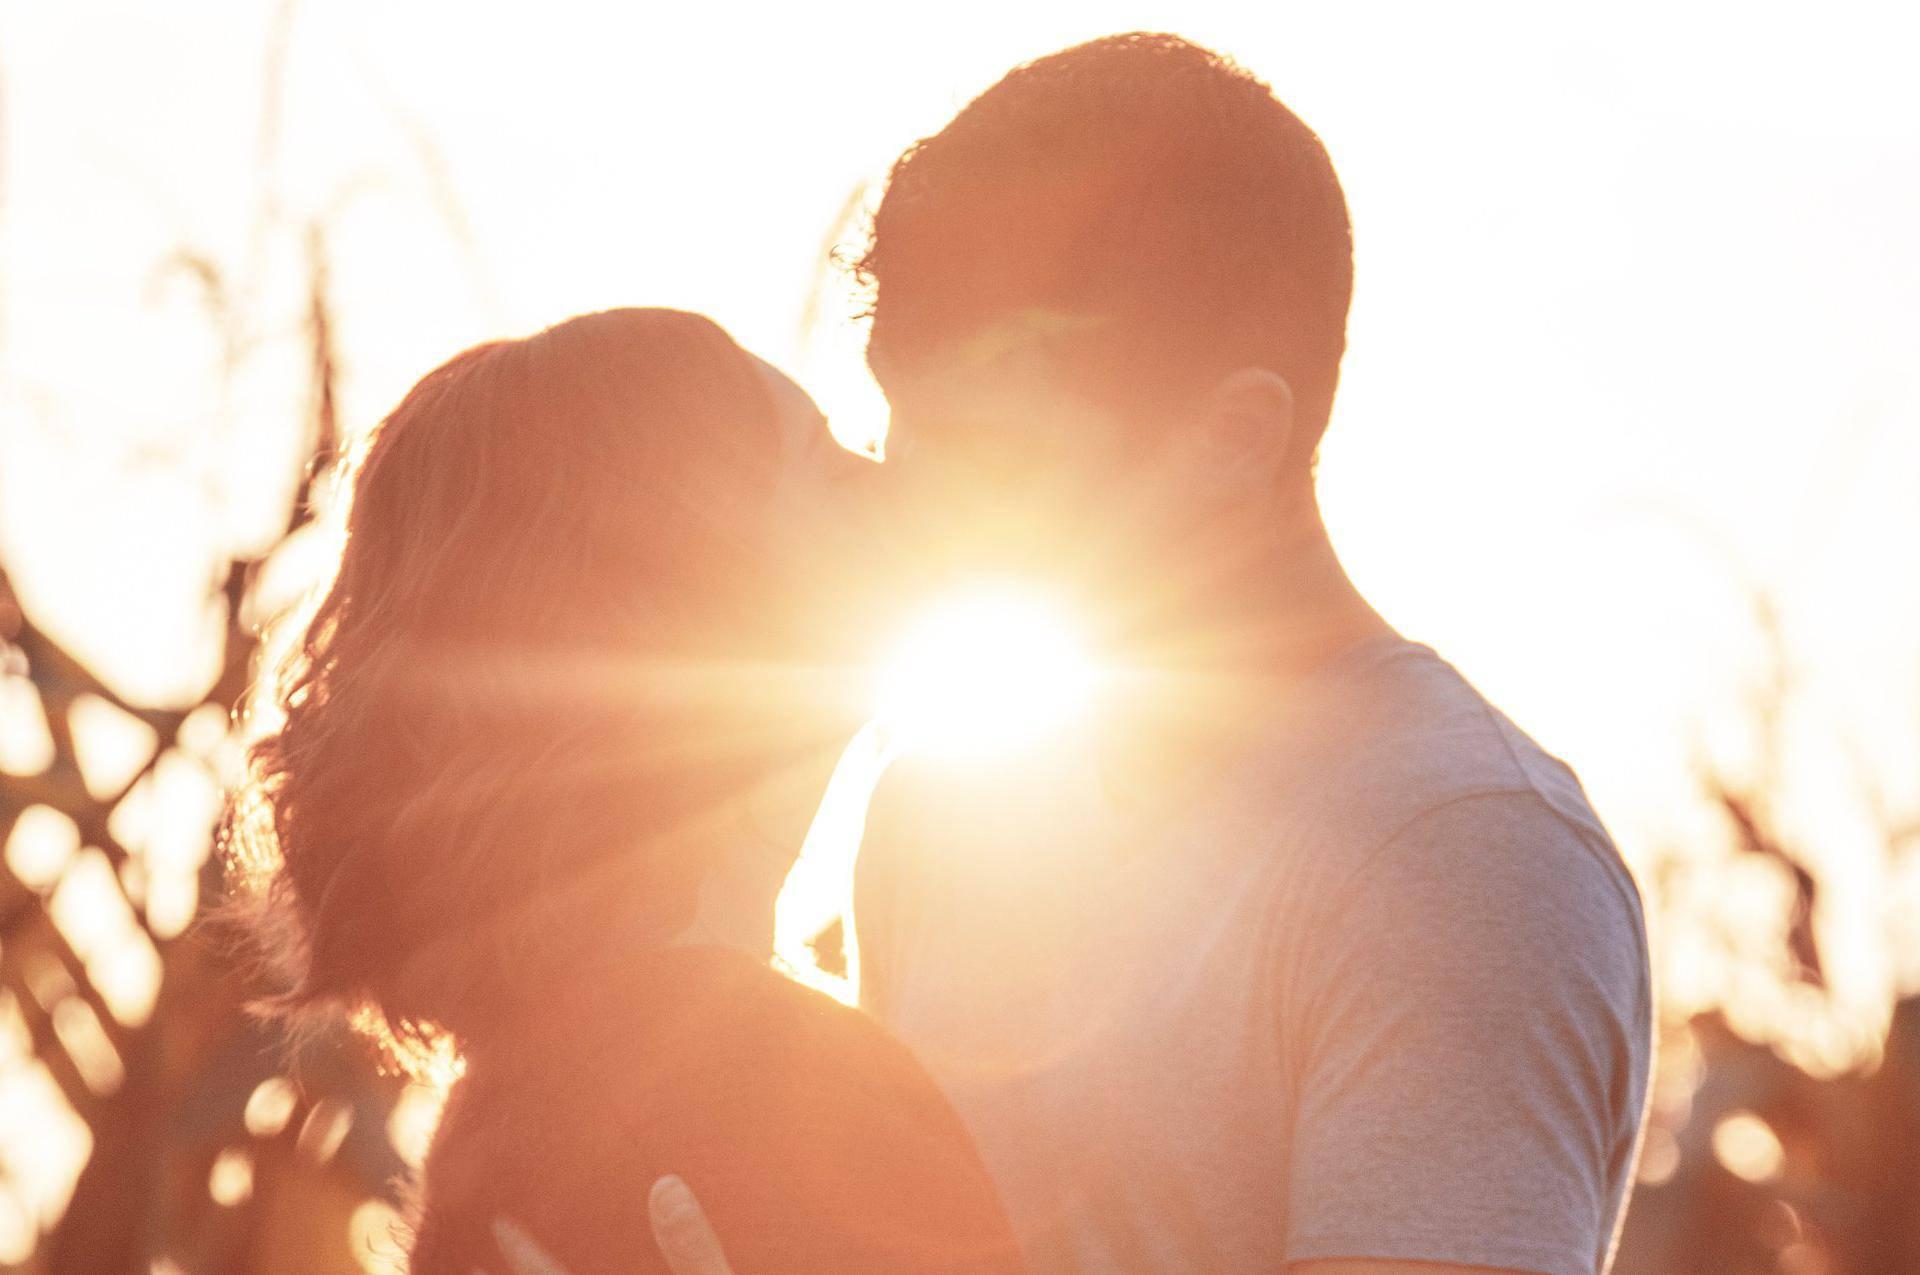 Otkad je seks tako lako dobiti, ljubav je sve teže pronaći...